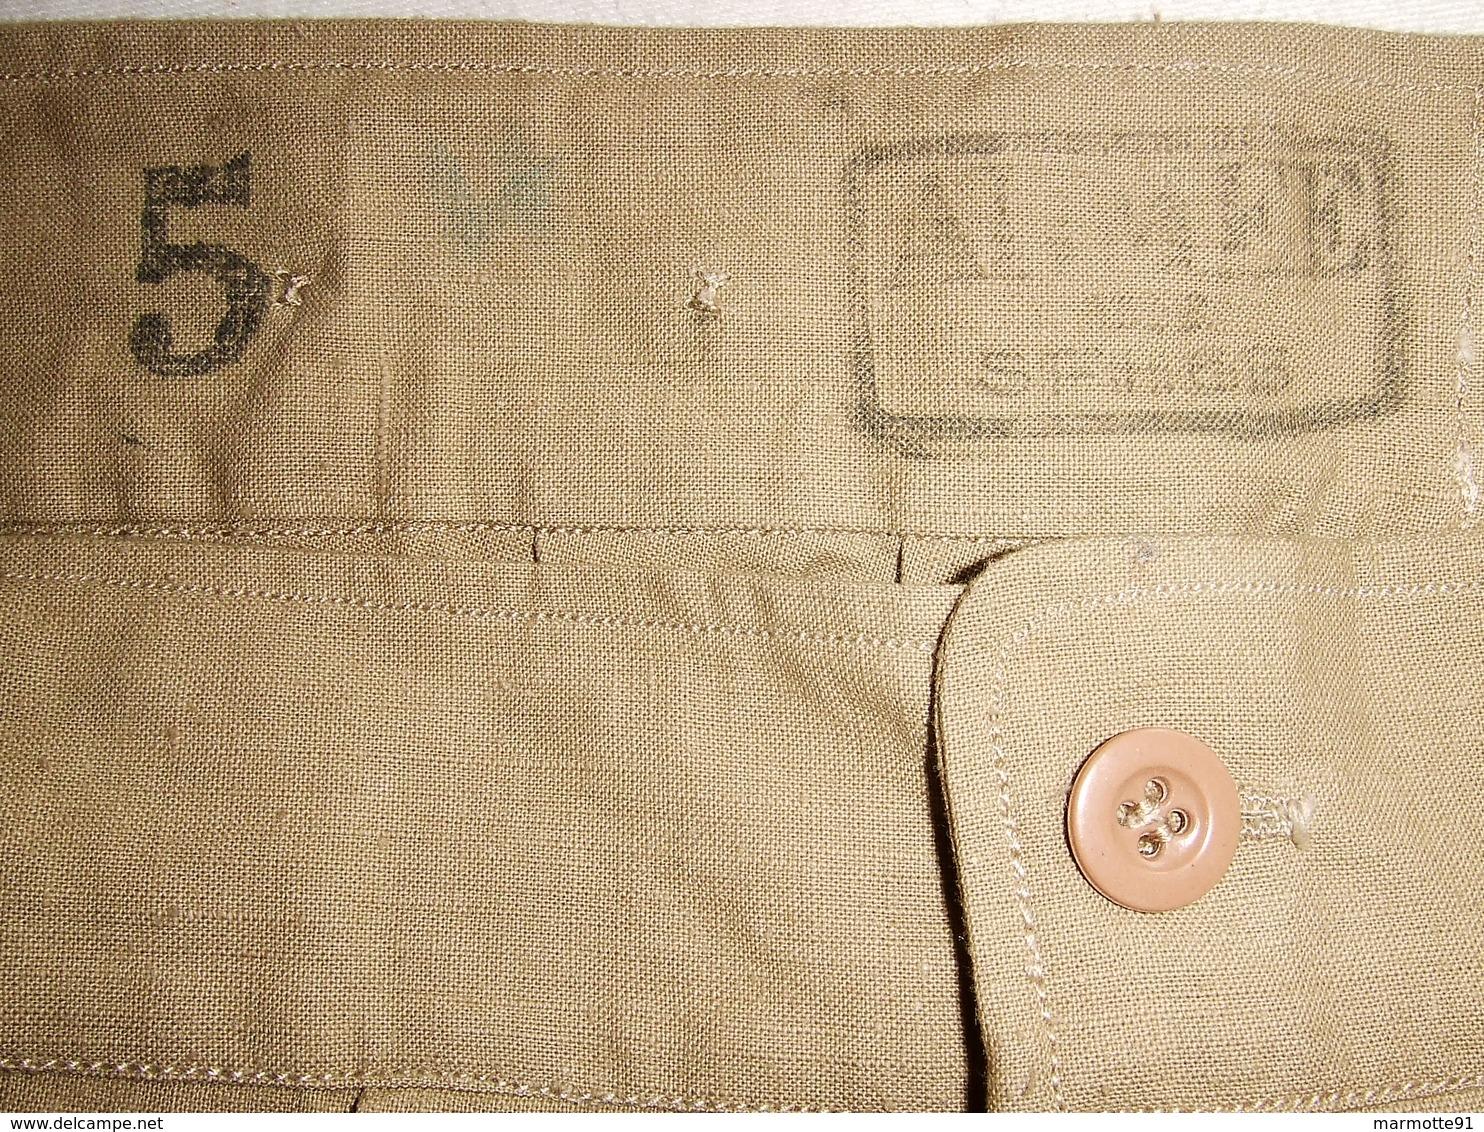 CALECON KAKI 1953 ?? ARMEE FRANCAISE GUERRE INDOCHINE ALGERIE COLONIE AFRIQUE TAILLE 5 - Uniforms